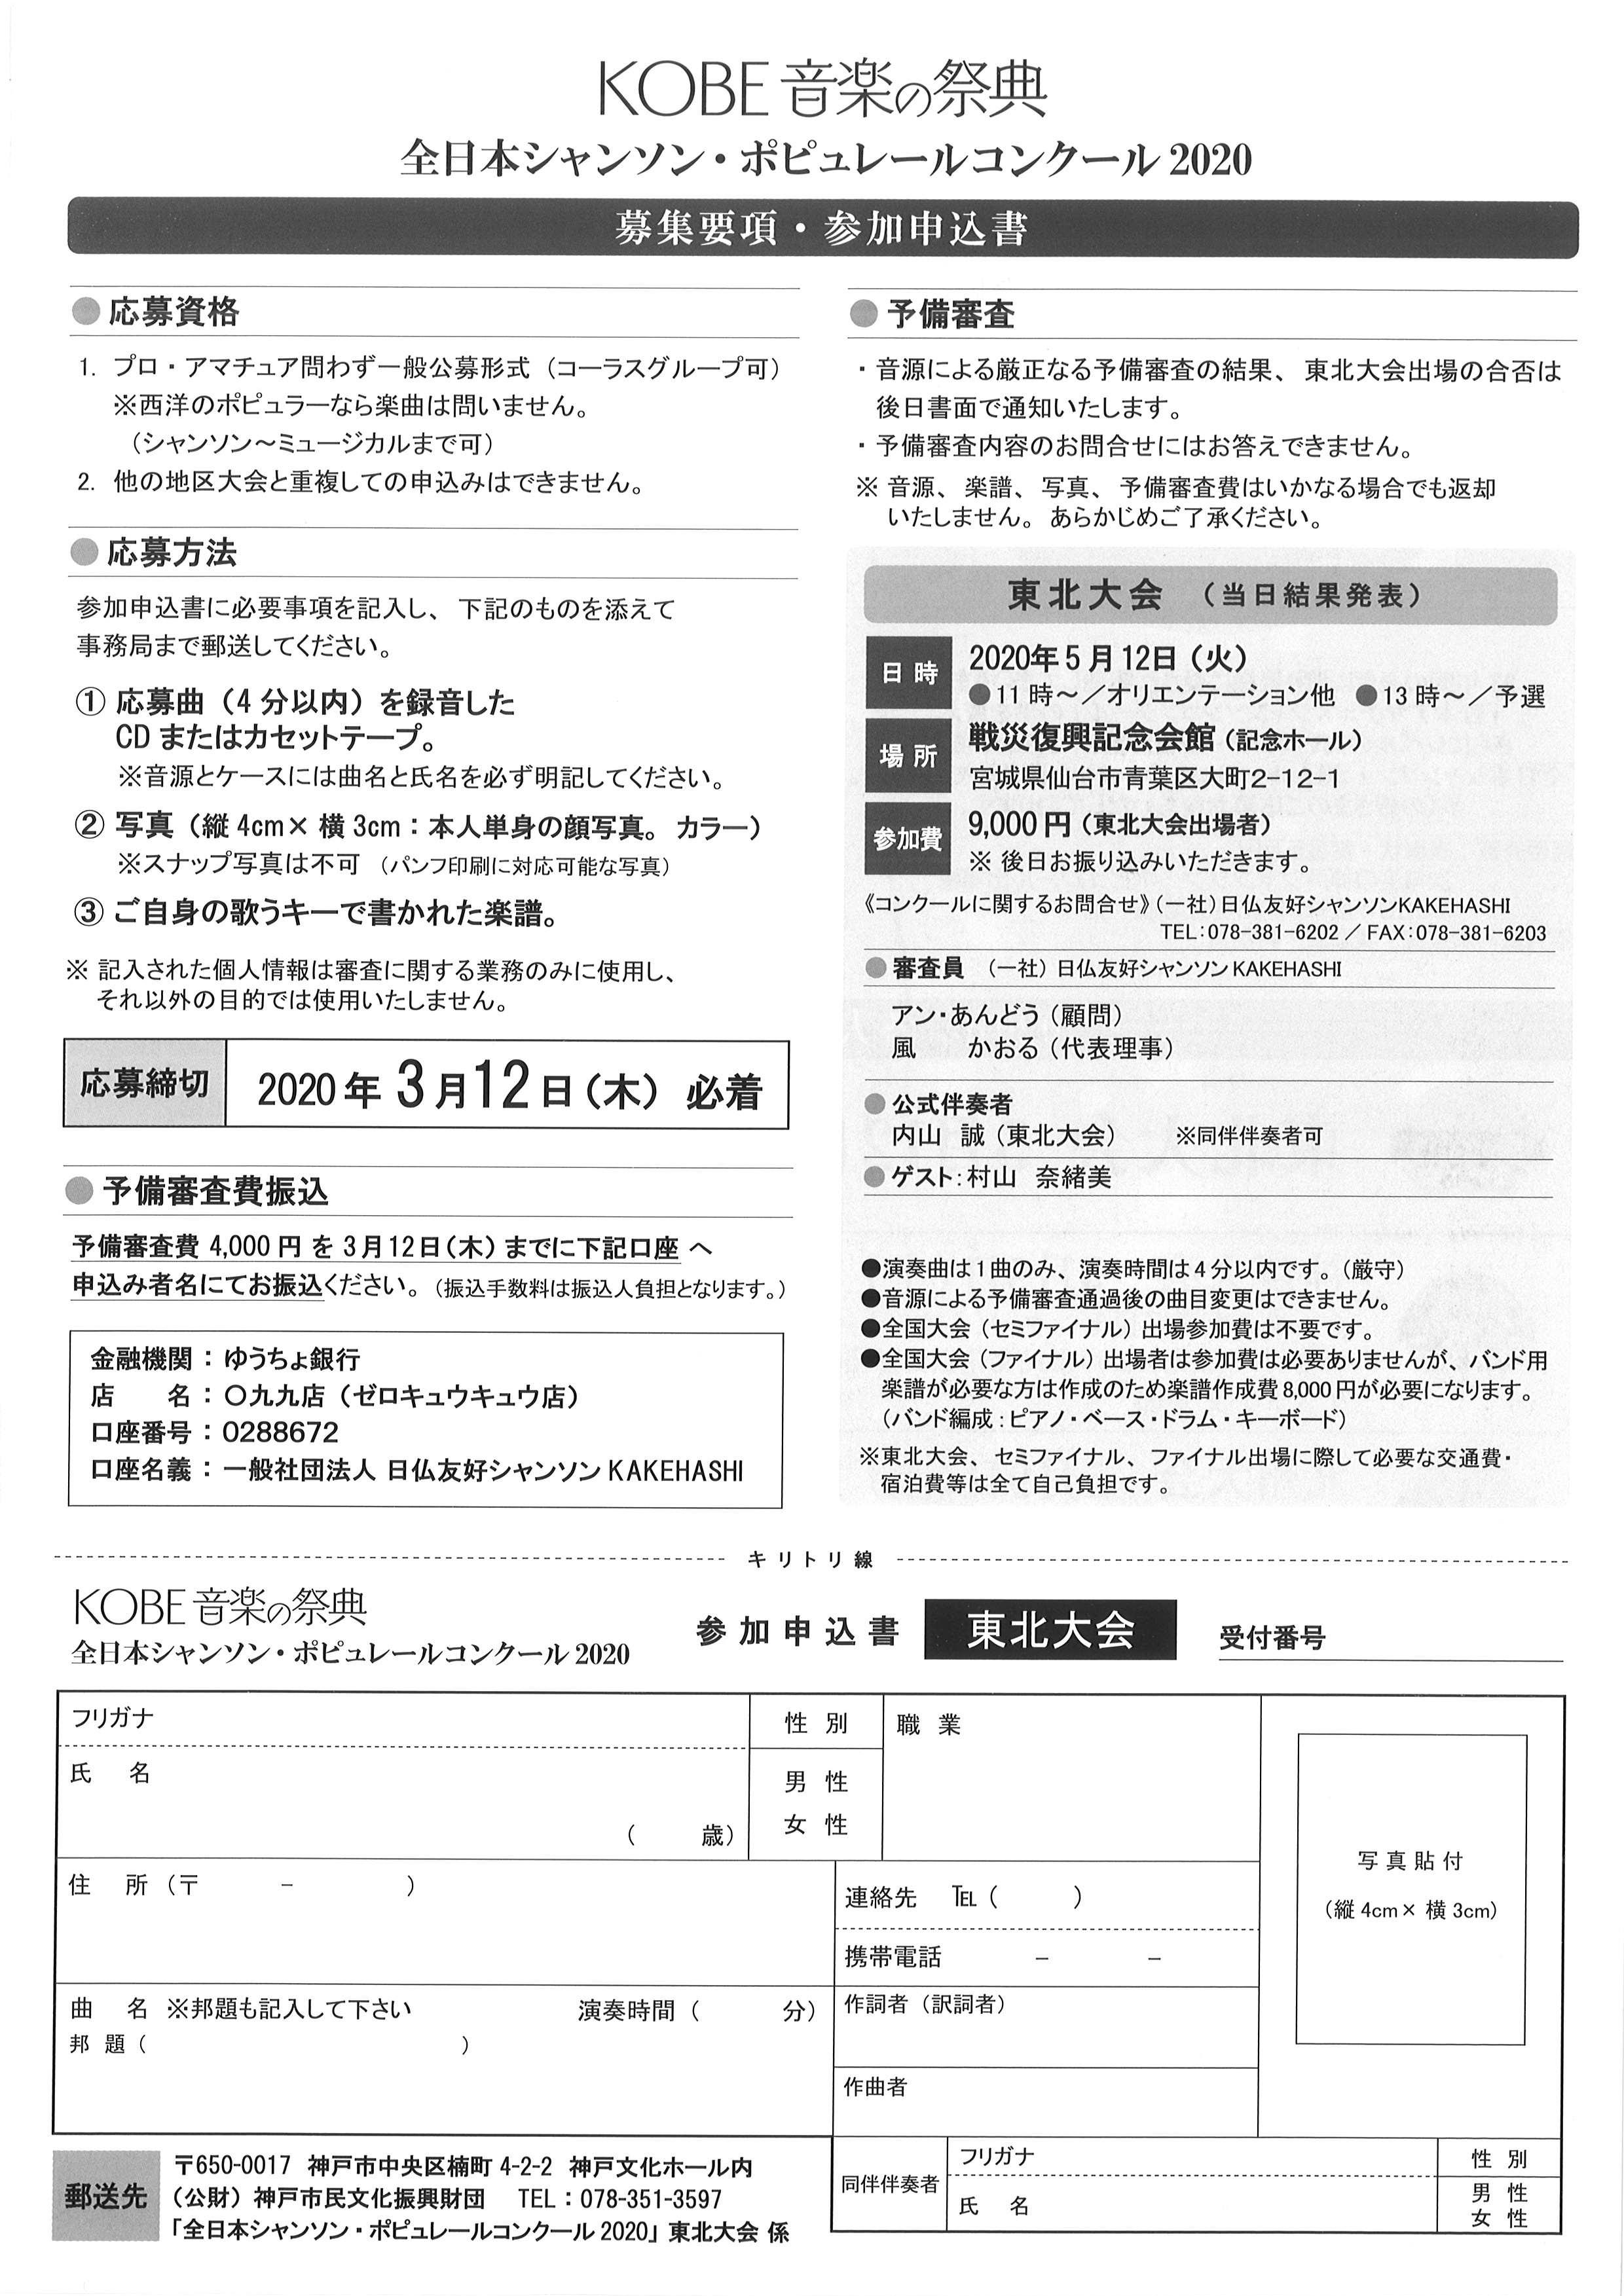 ポピュレールコンクール東北大会_裏-1.jpg